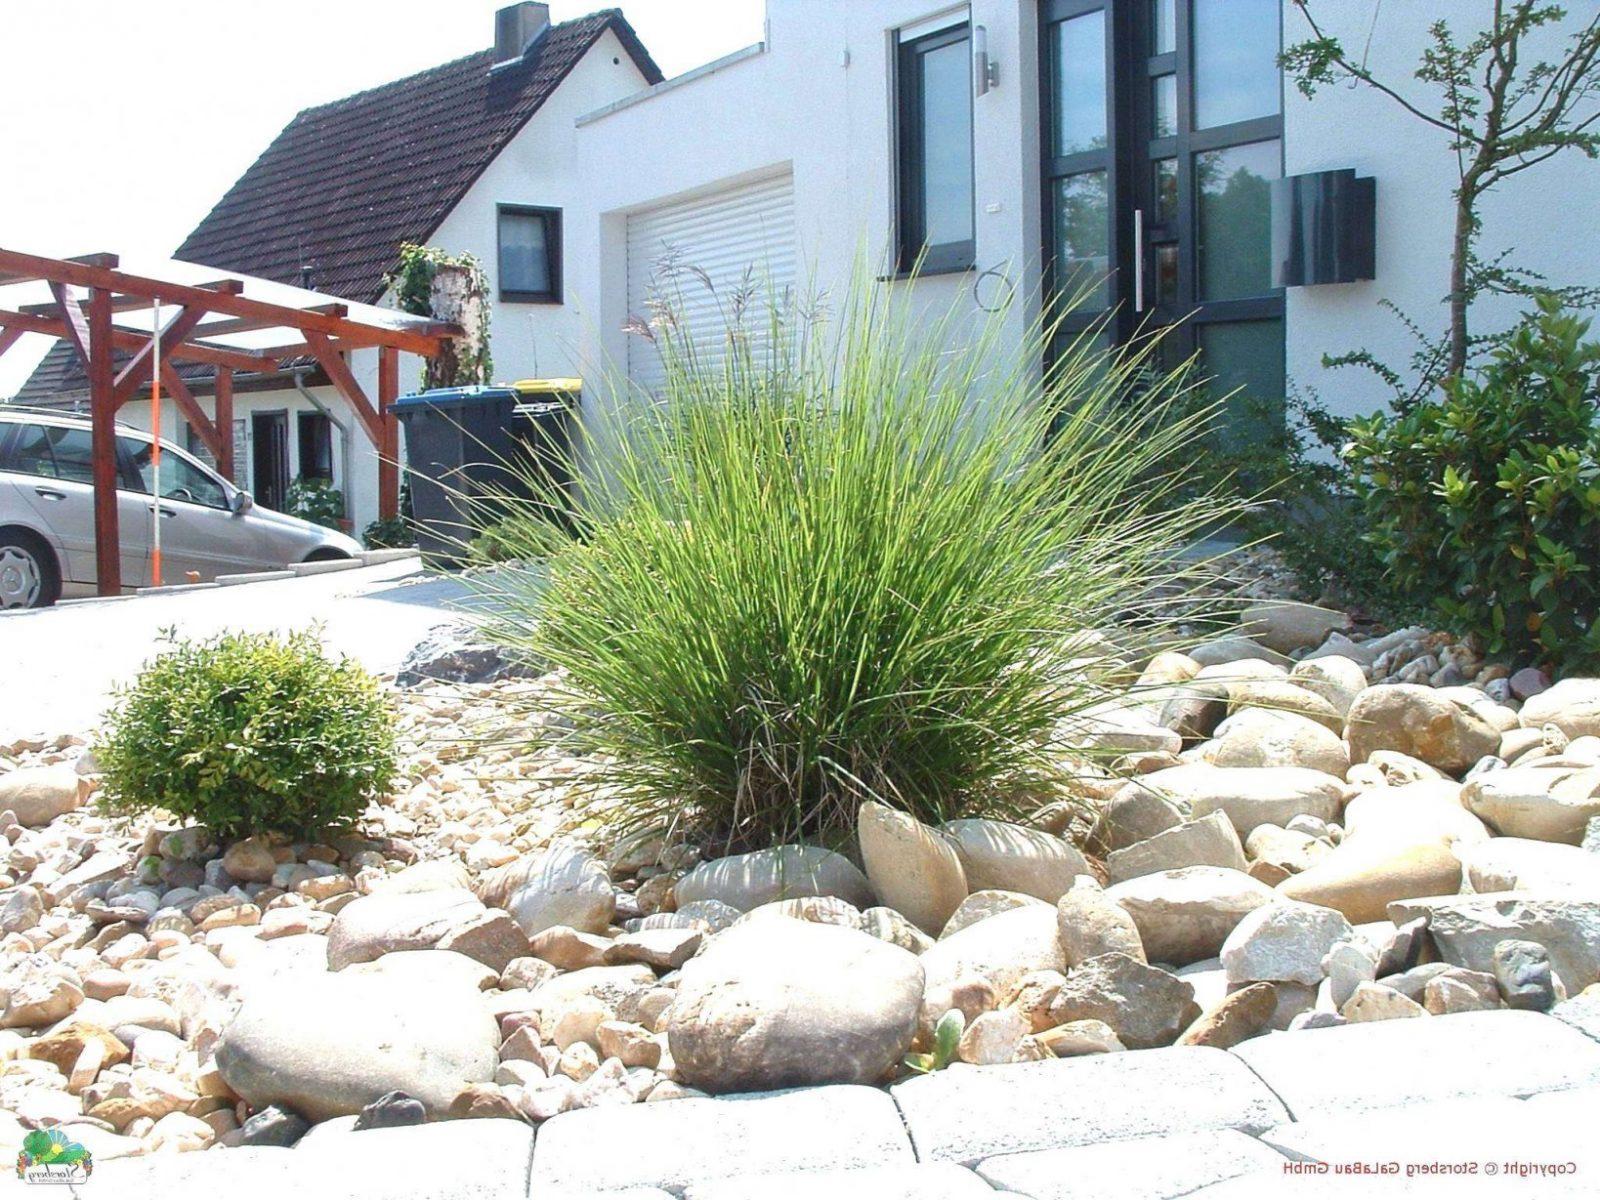 32 Neu Moderner Garten Mit Gräsern von Gartengestaltung Mit Steinen Und Gräsern Bild